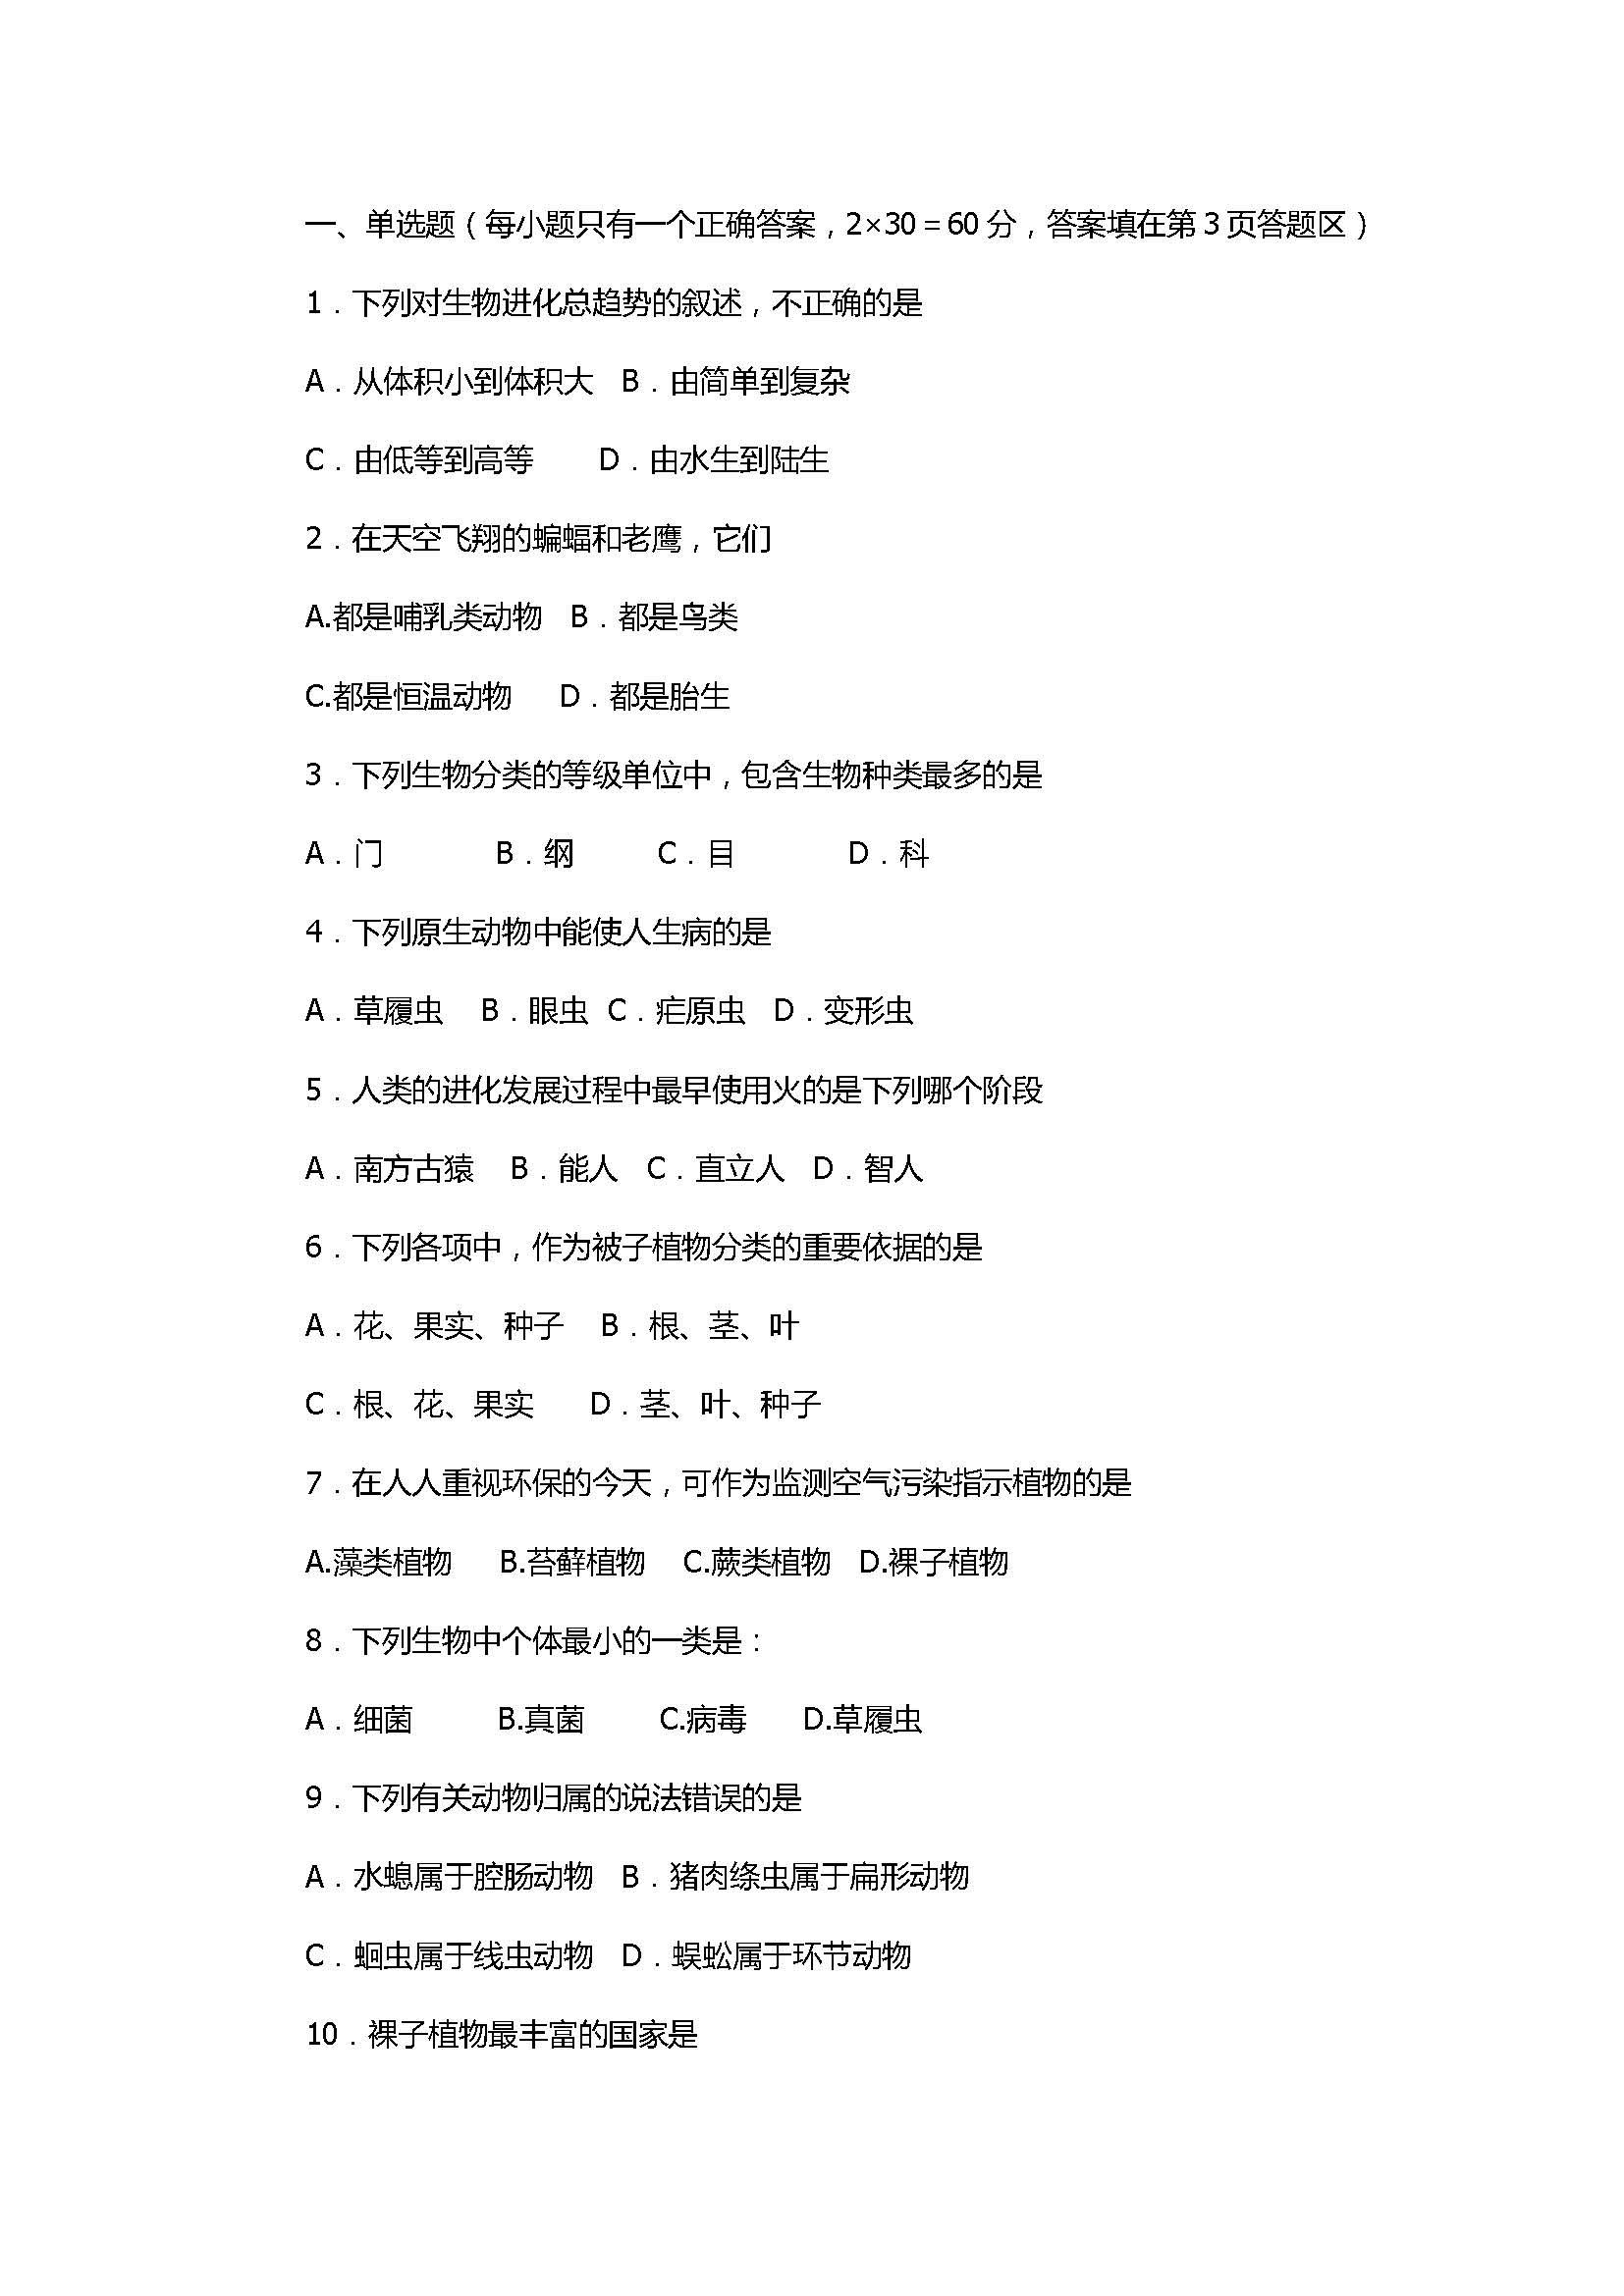 2017初二年级生物下册期末试题含参考答案(广东省揭阳市揭西县)